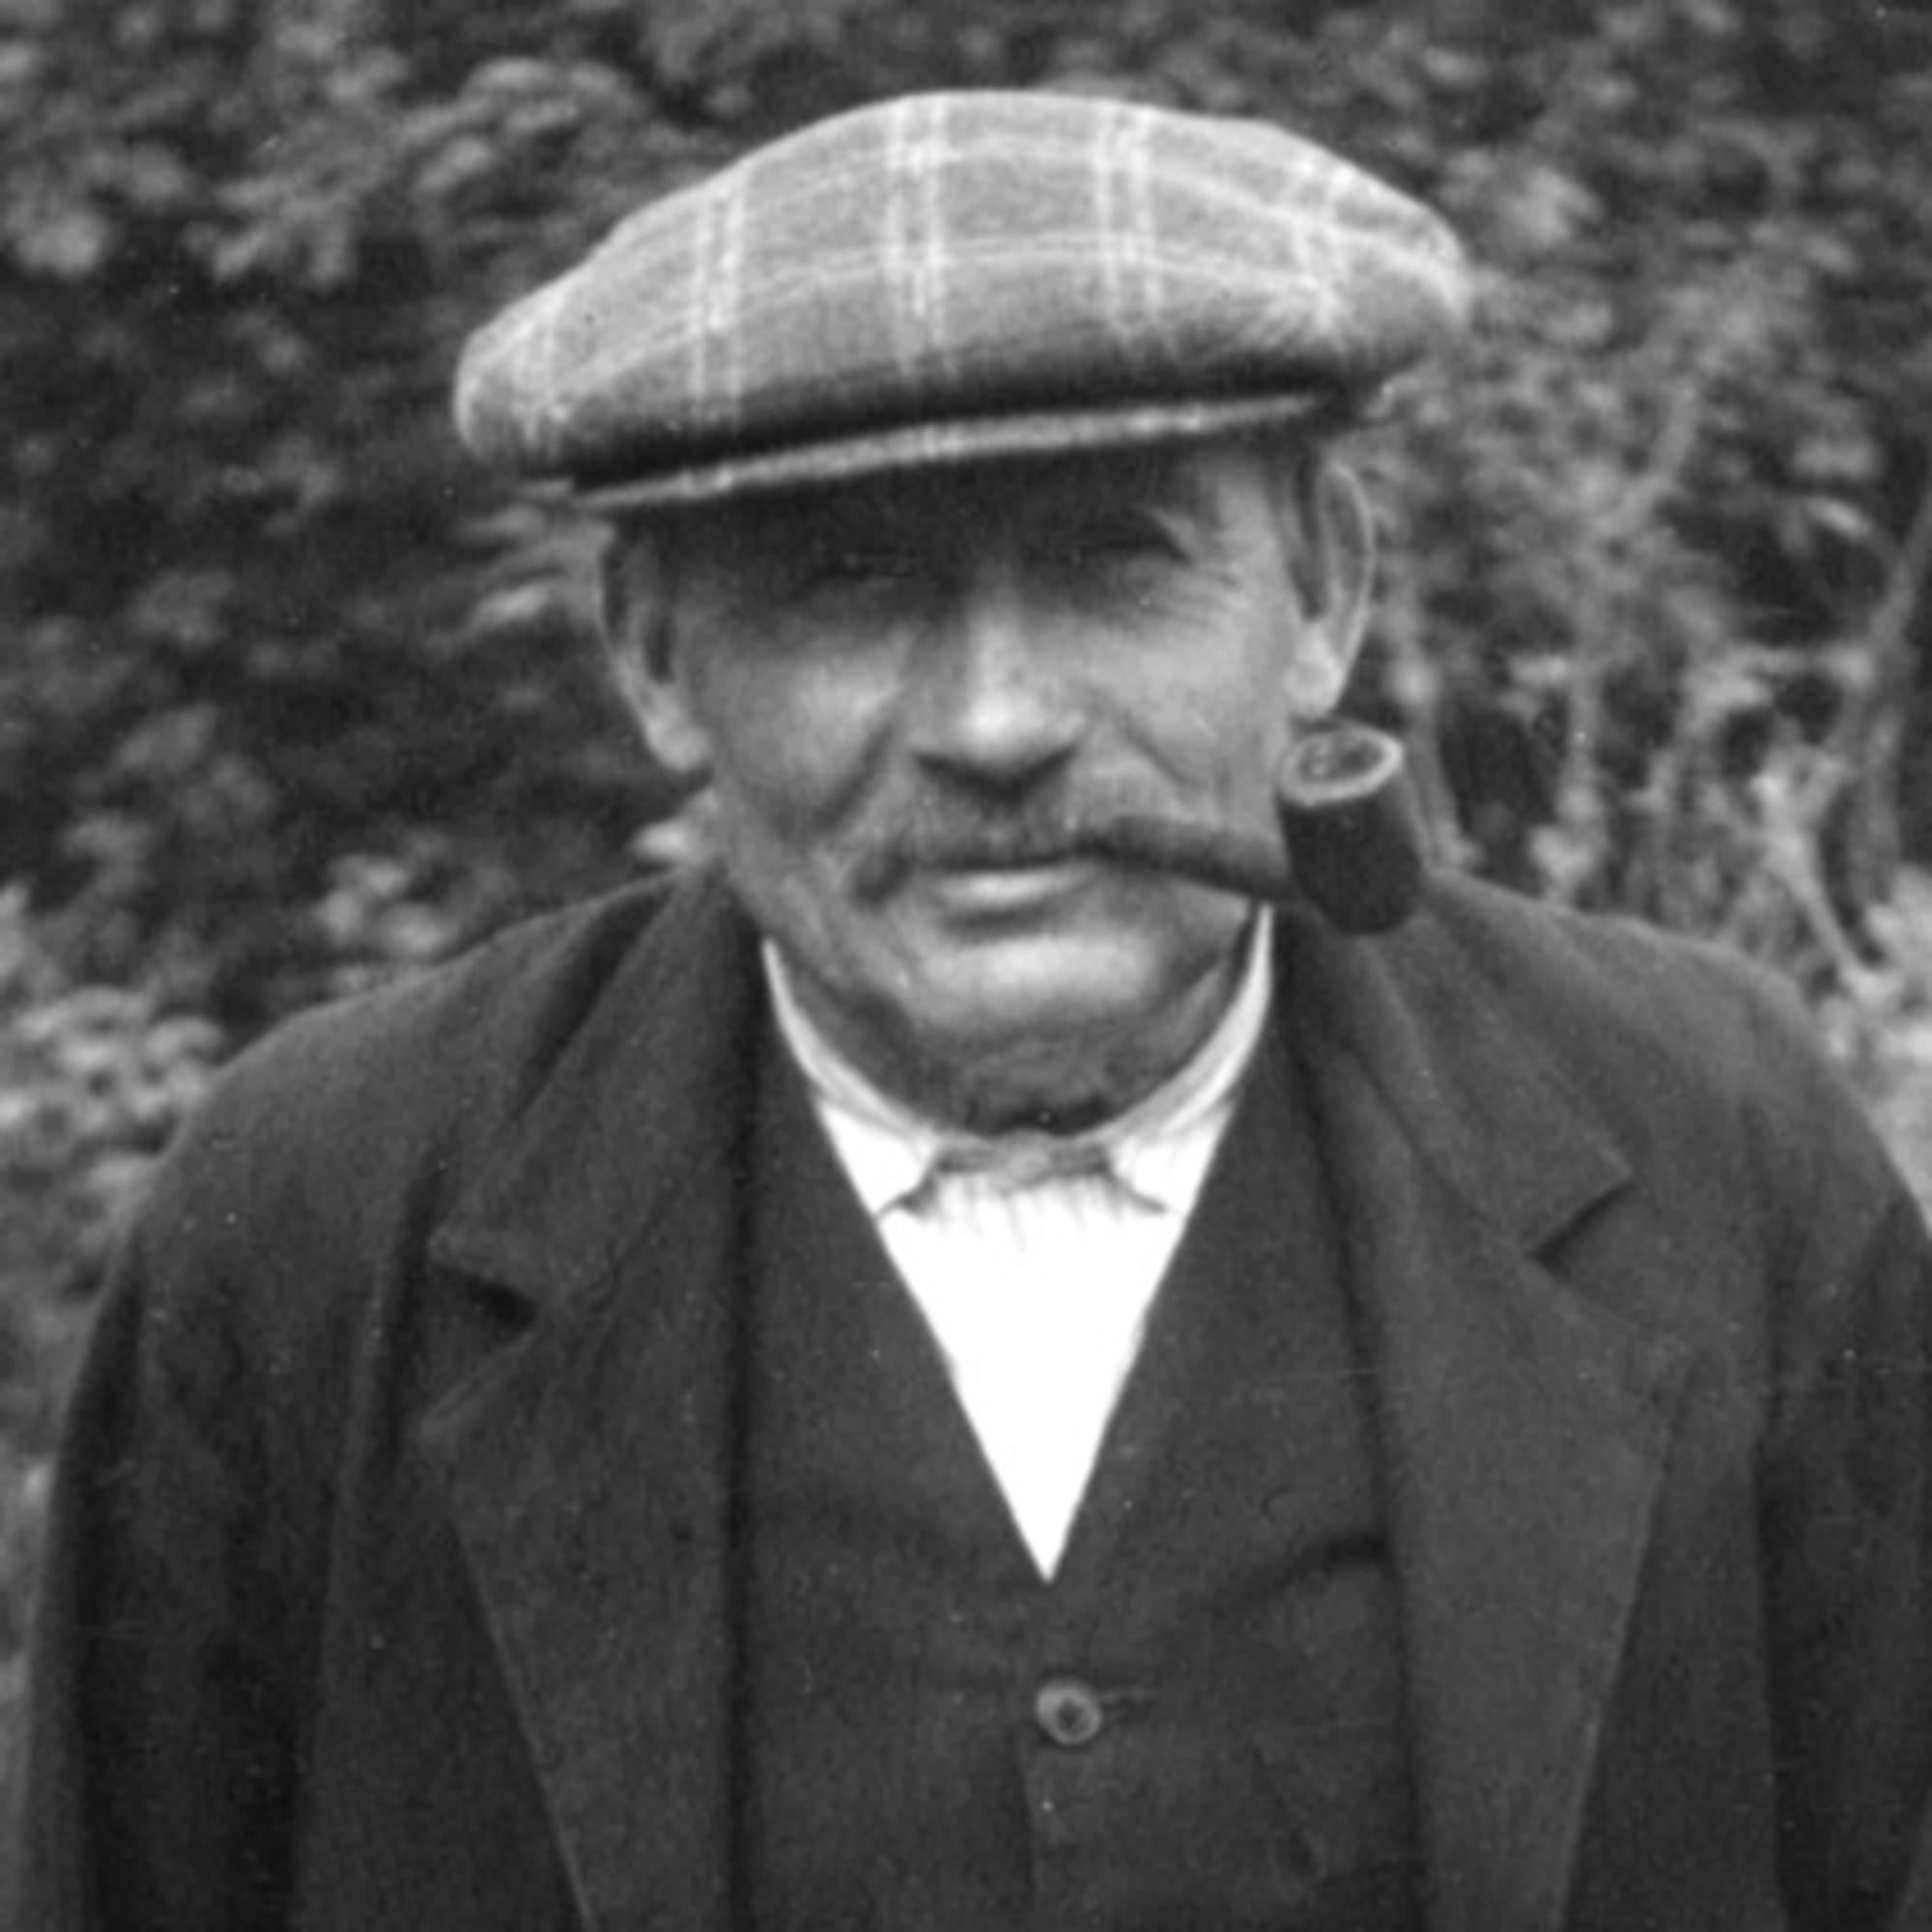 Laurent Le Rognant portrait